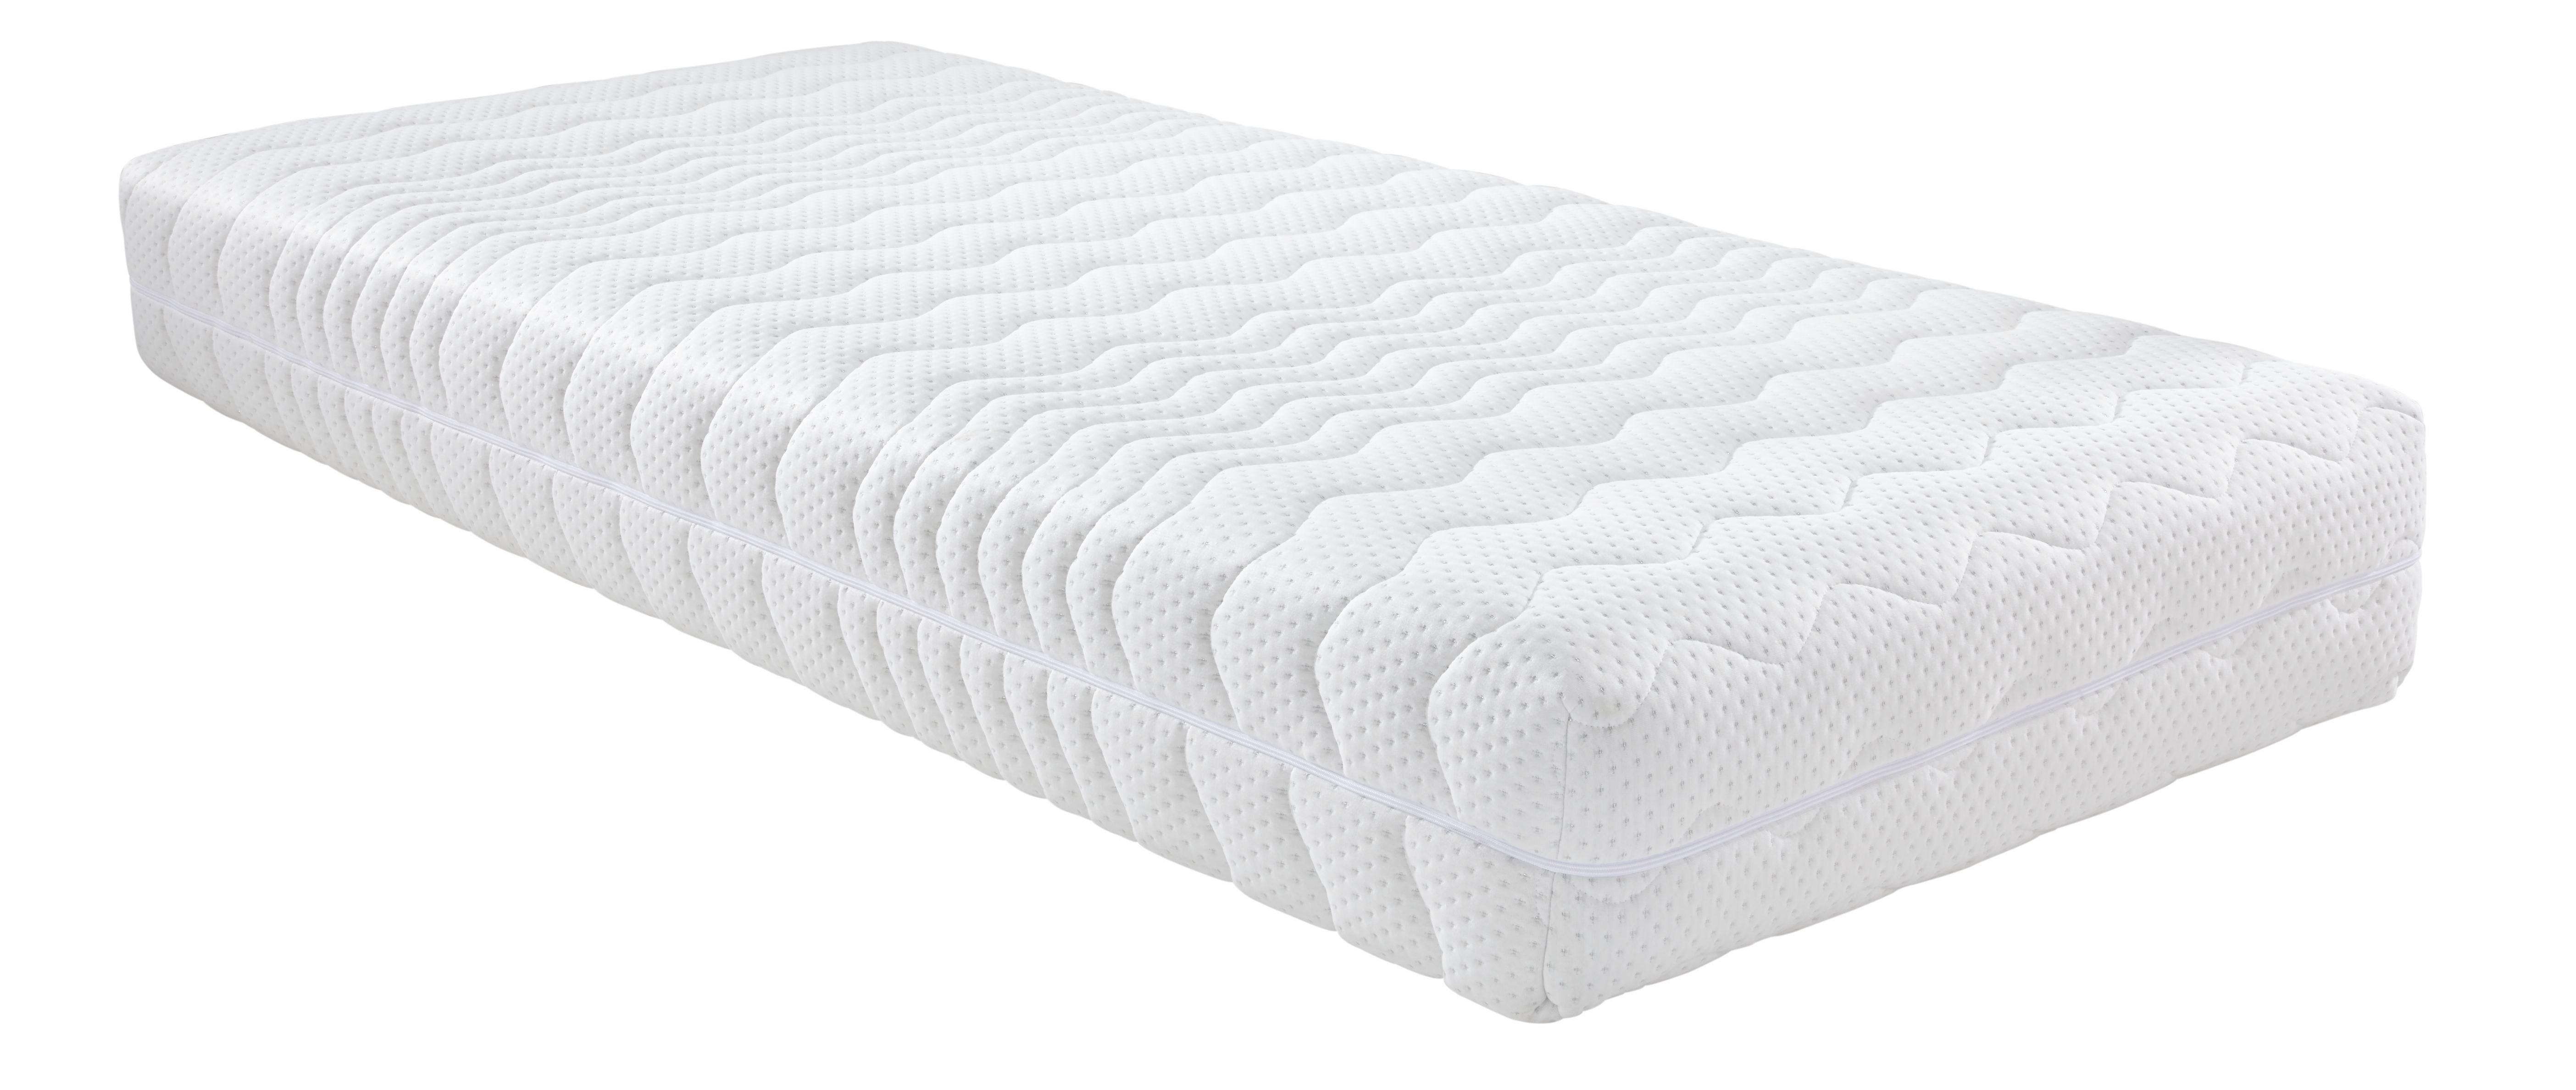 Matrac Premium Master - fehér, textil (200/90/25cm)